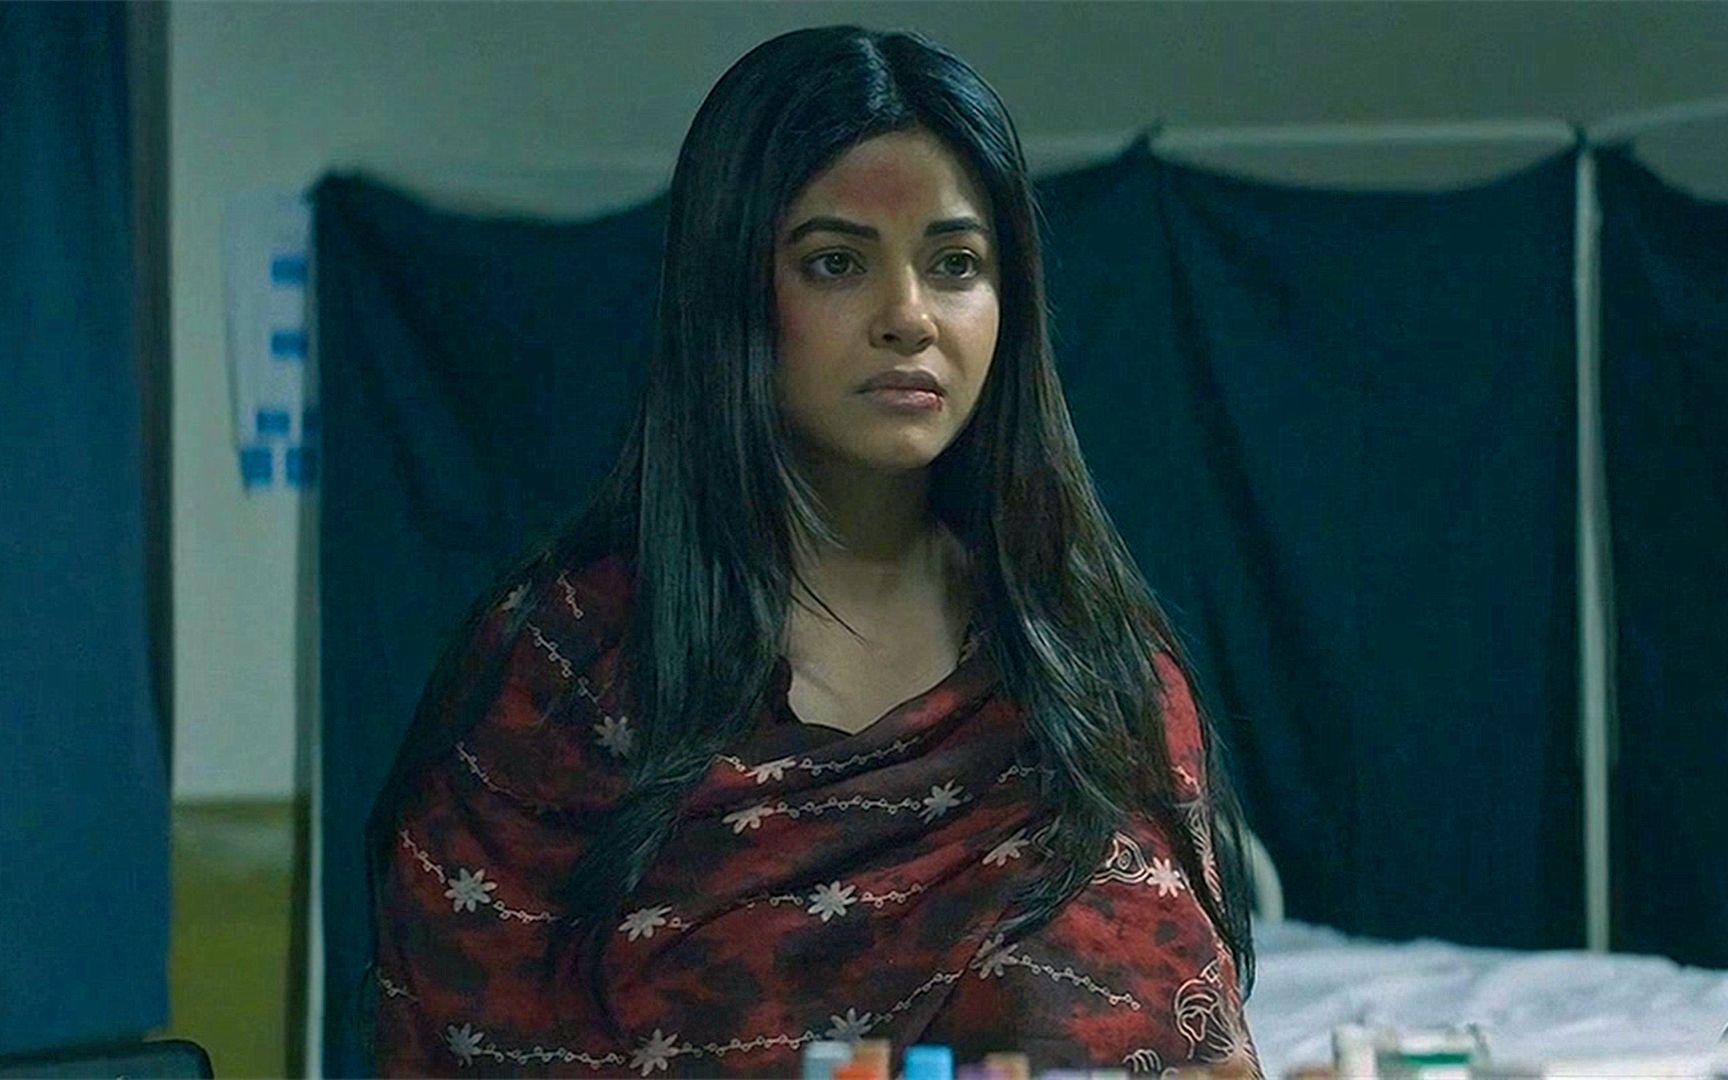 【谁语】直面印度社会痛点,揭露宝莱坞潜规则,这部电影太敢拍,犯罪剧情片《刑法典第375条》